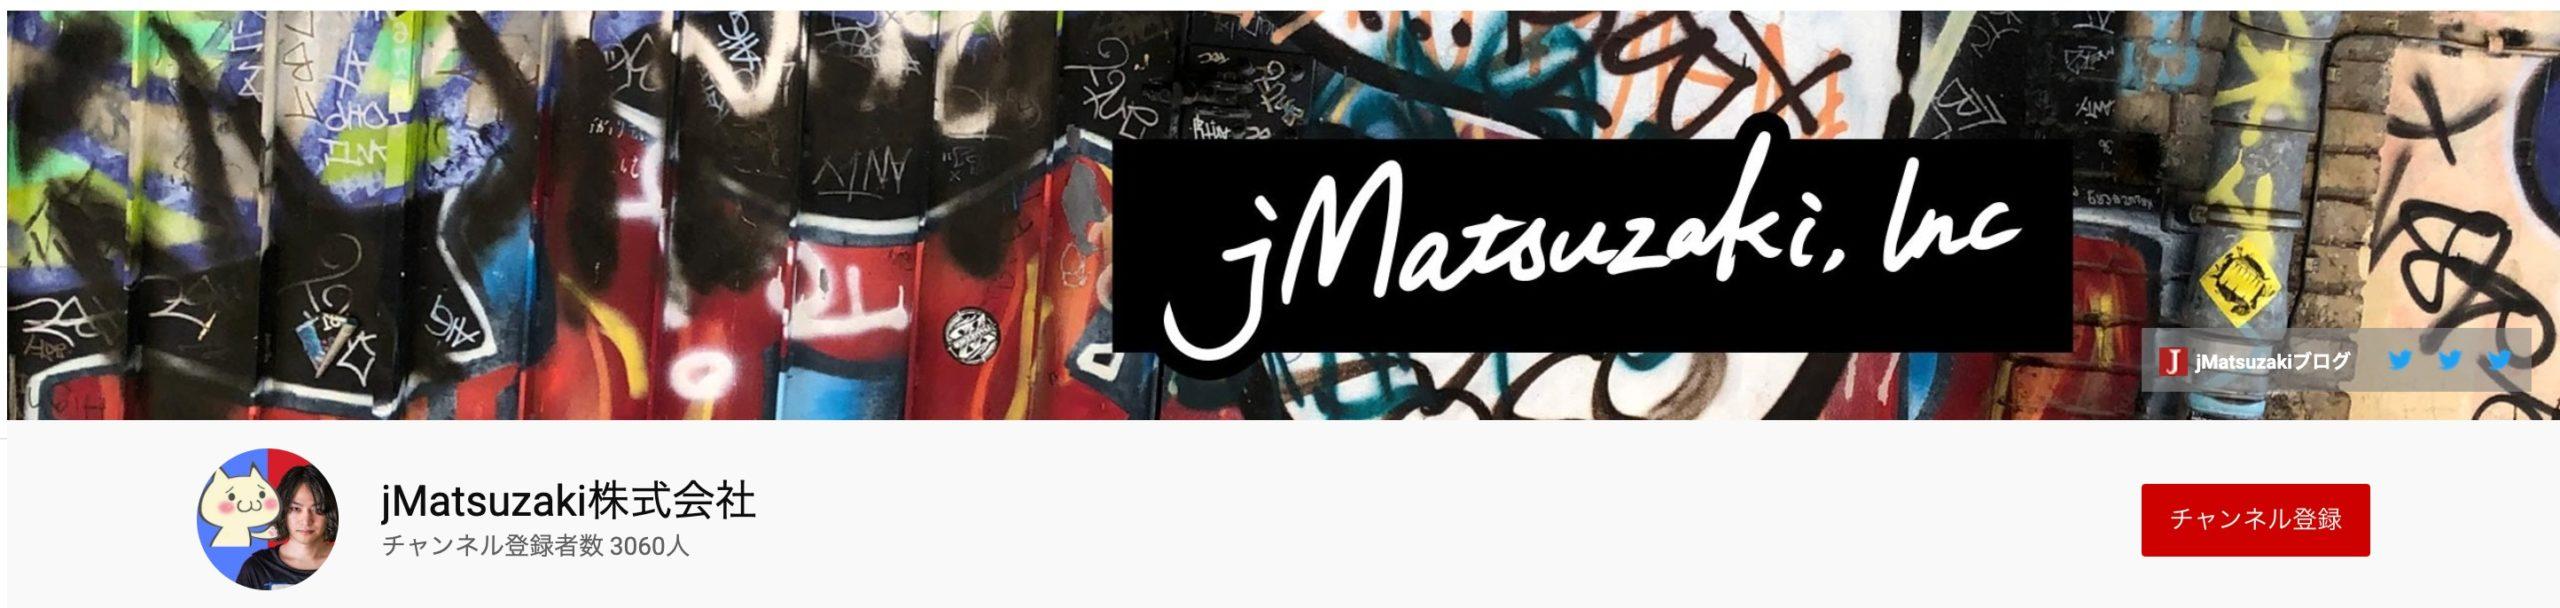 jMatsuzaki YouTubeチャンネル 2